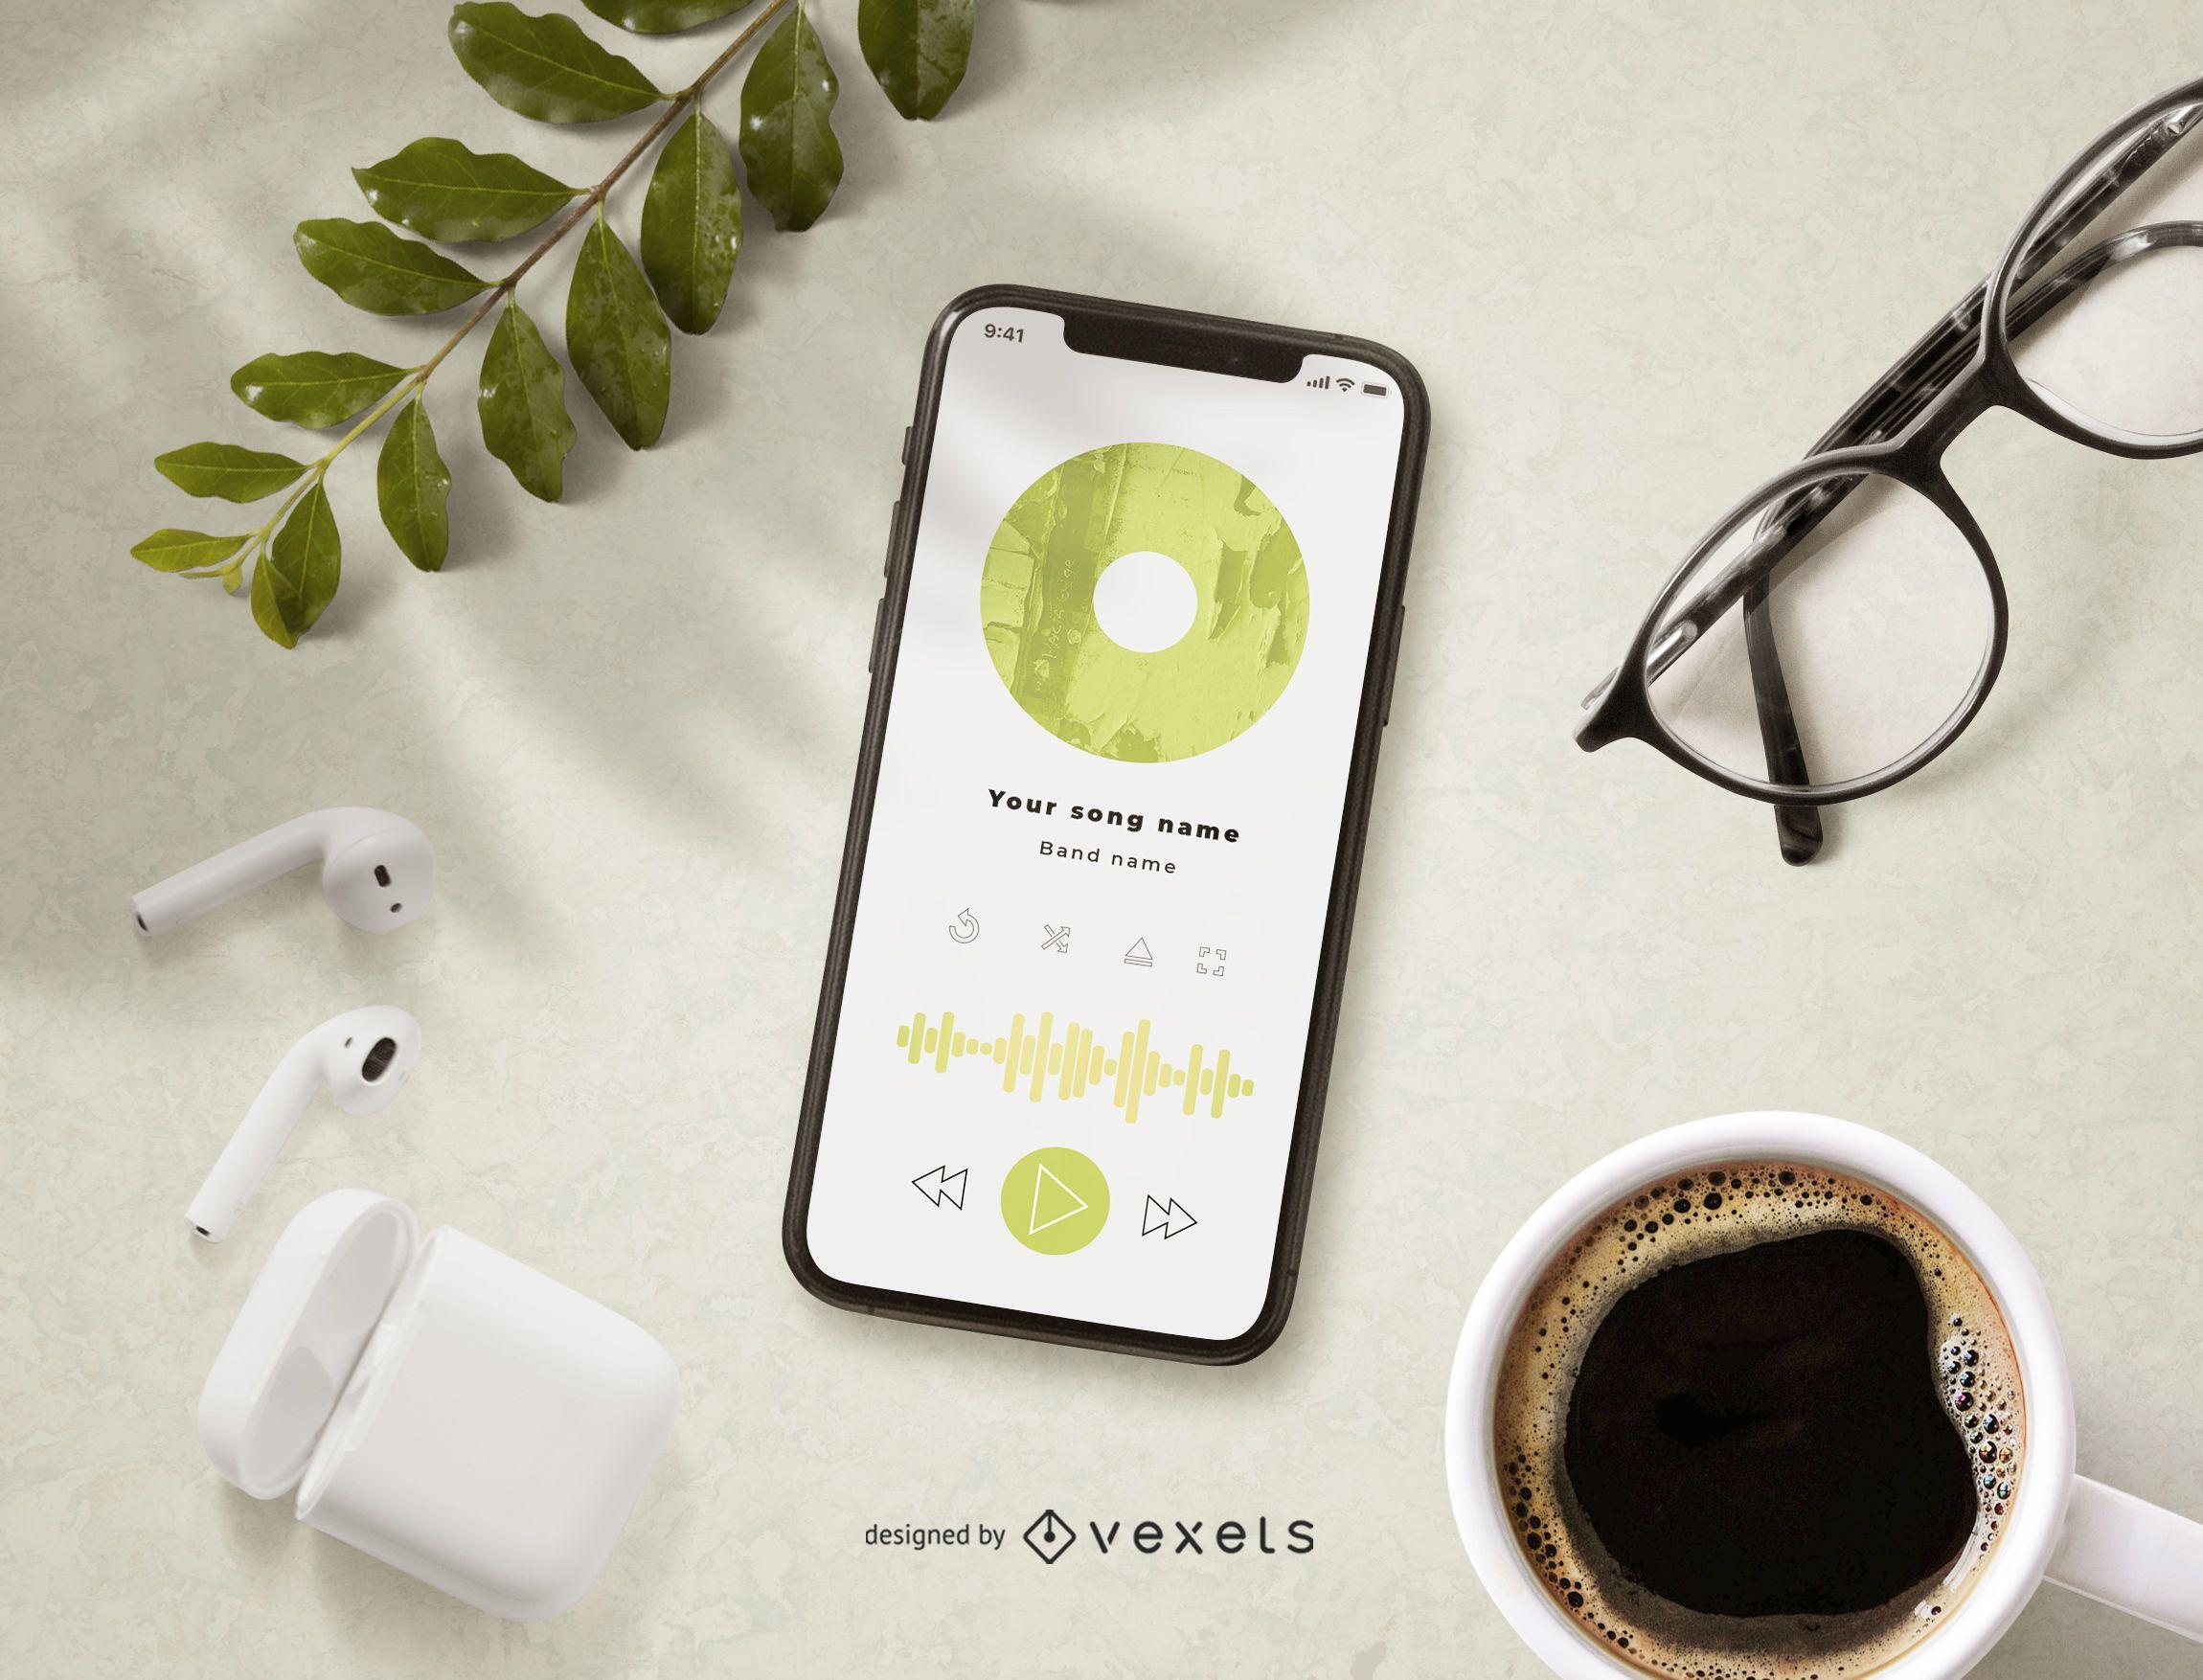 Maqueta de la pantalla de la aplicación de música